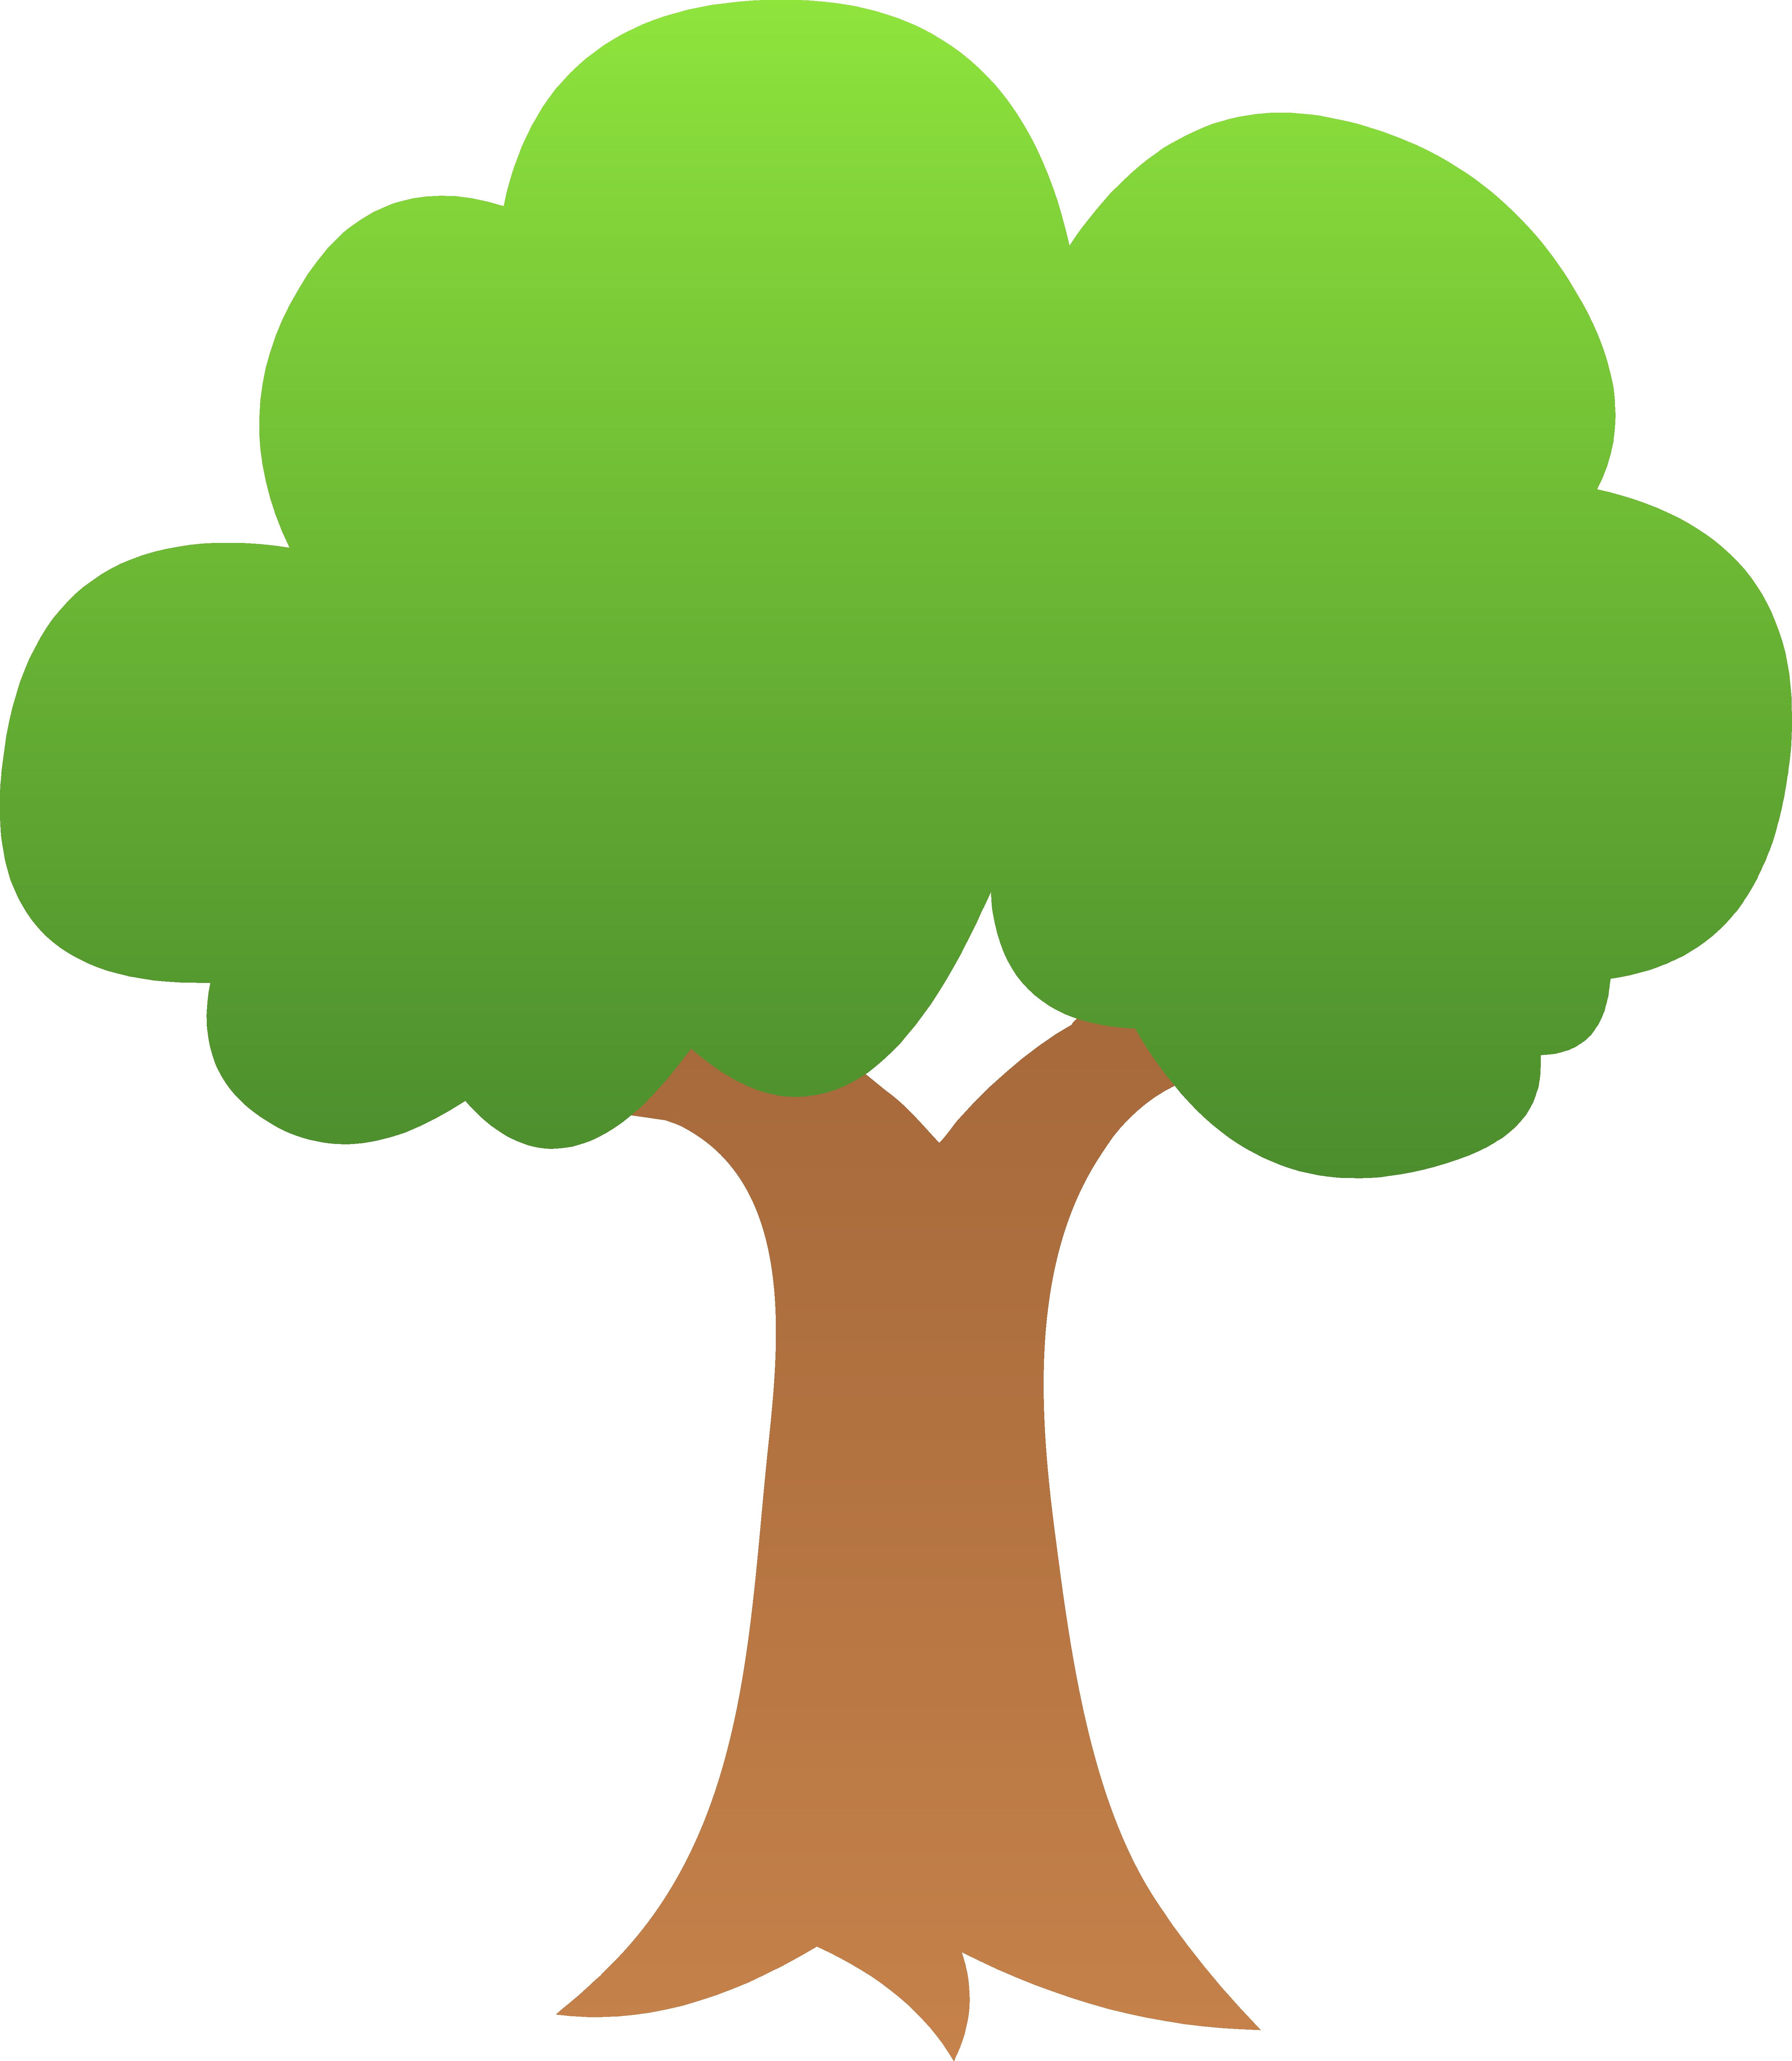 tree-clipart-tree_tiny_green_shaded.png (5486×6309) | music ed ...